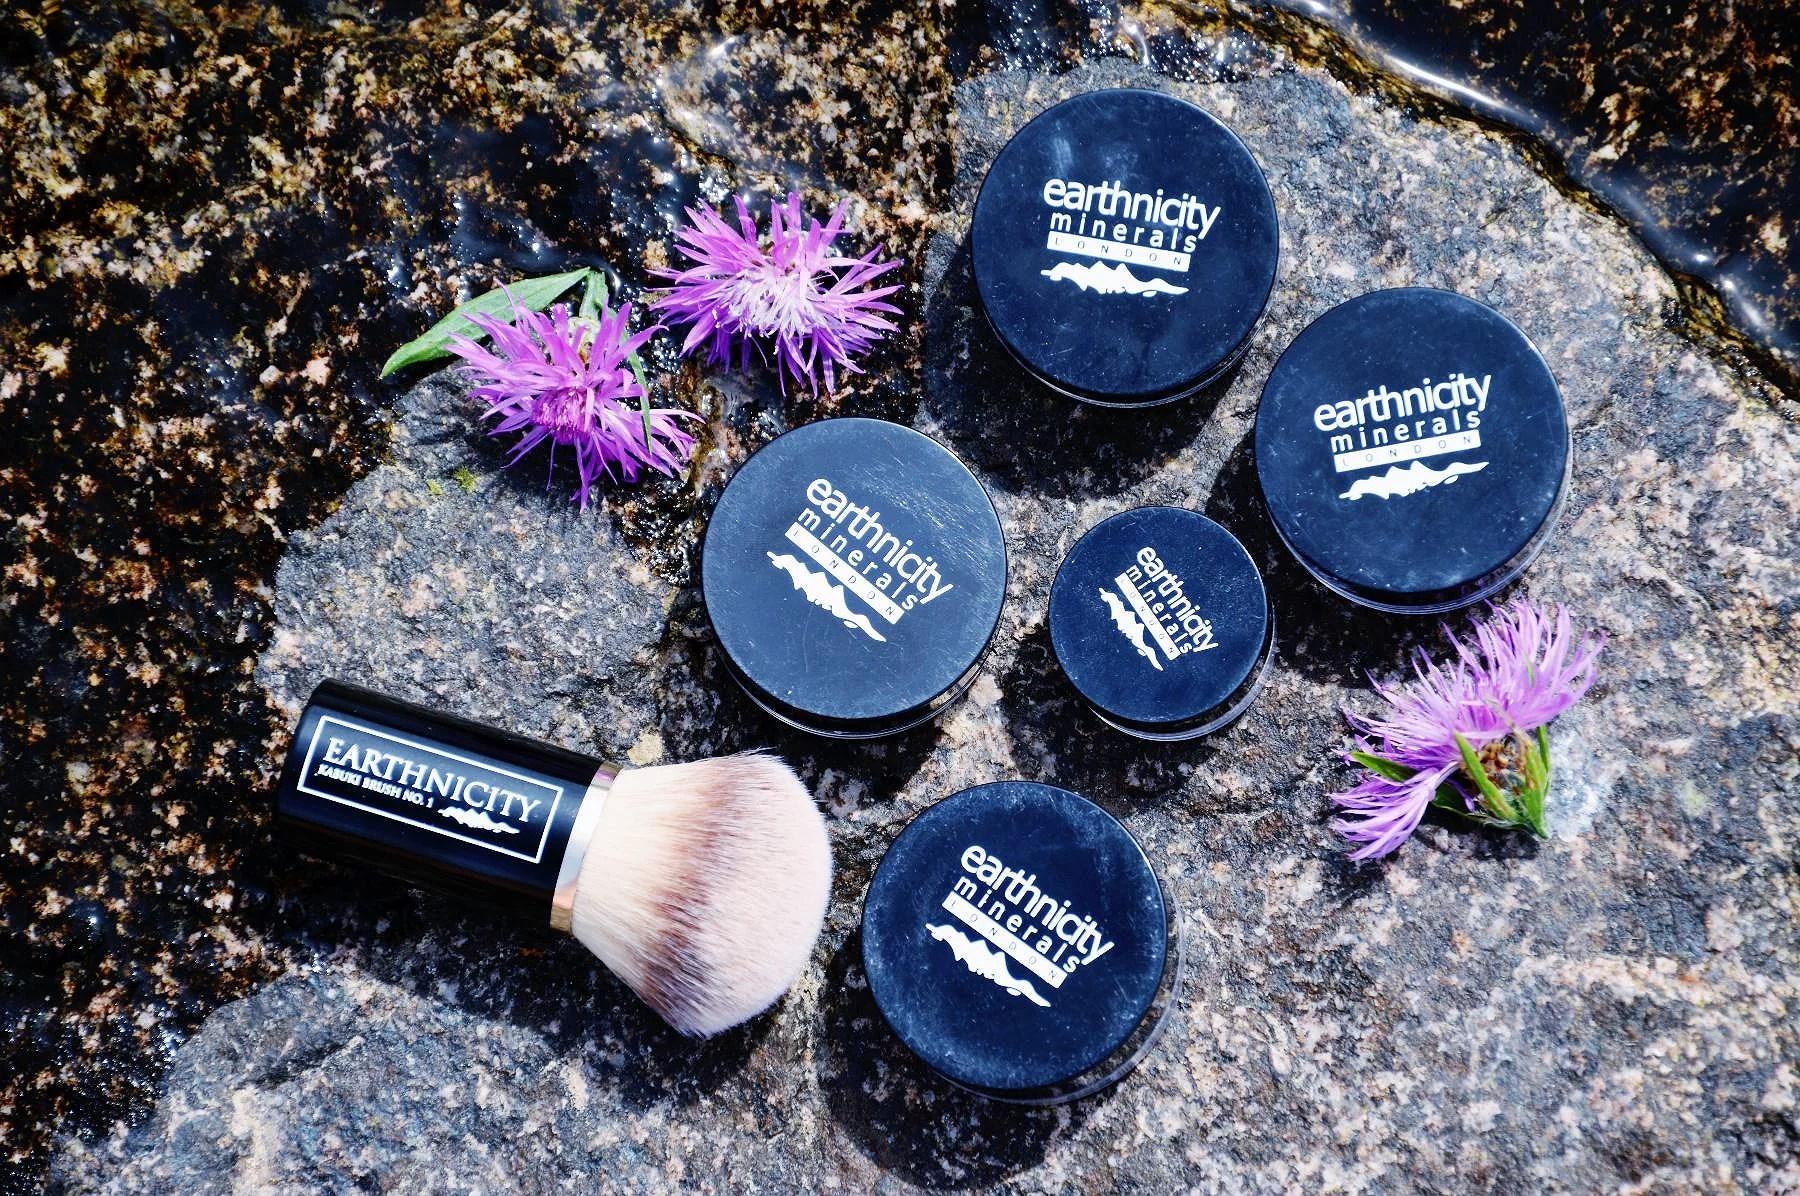 Makijaż mineralny - earthnicity minerals